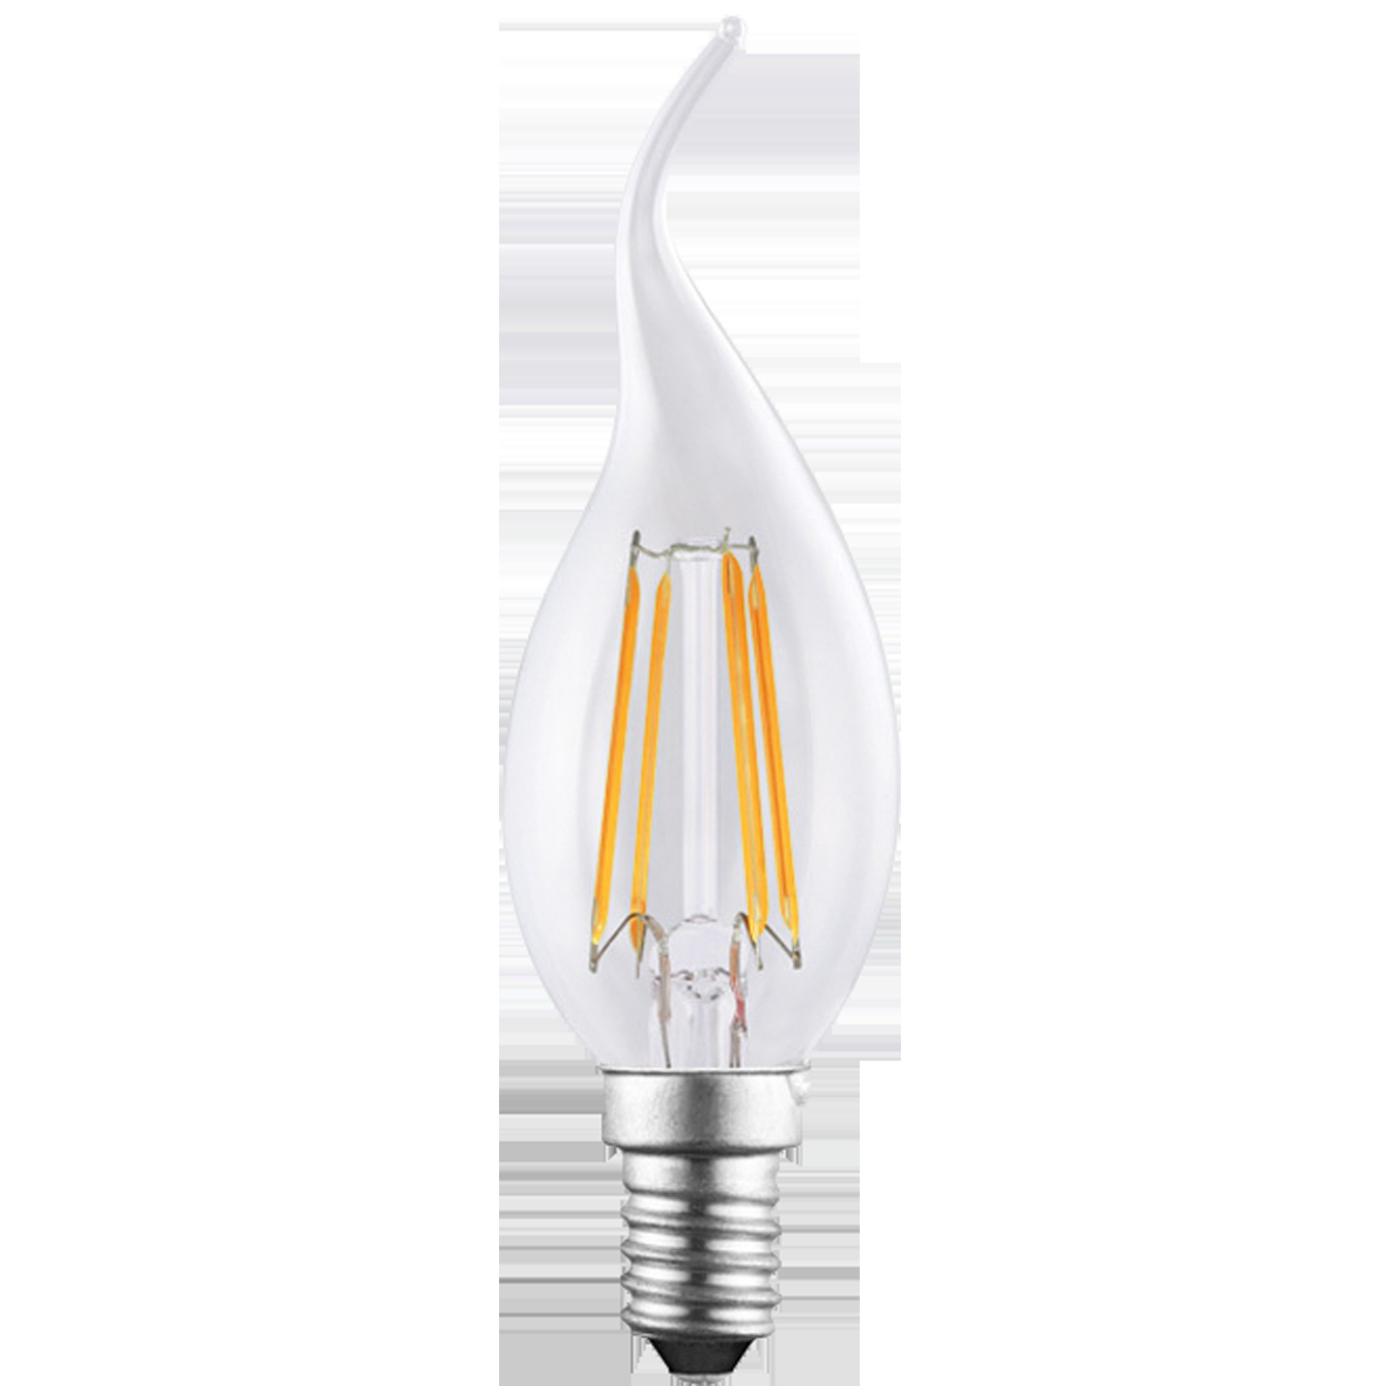 Sijalica,LED 4W, E14, 3000K,220V AC, toplo bijela svjetlost